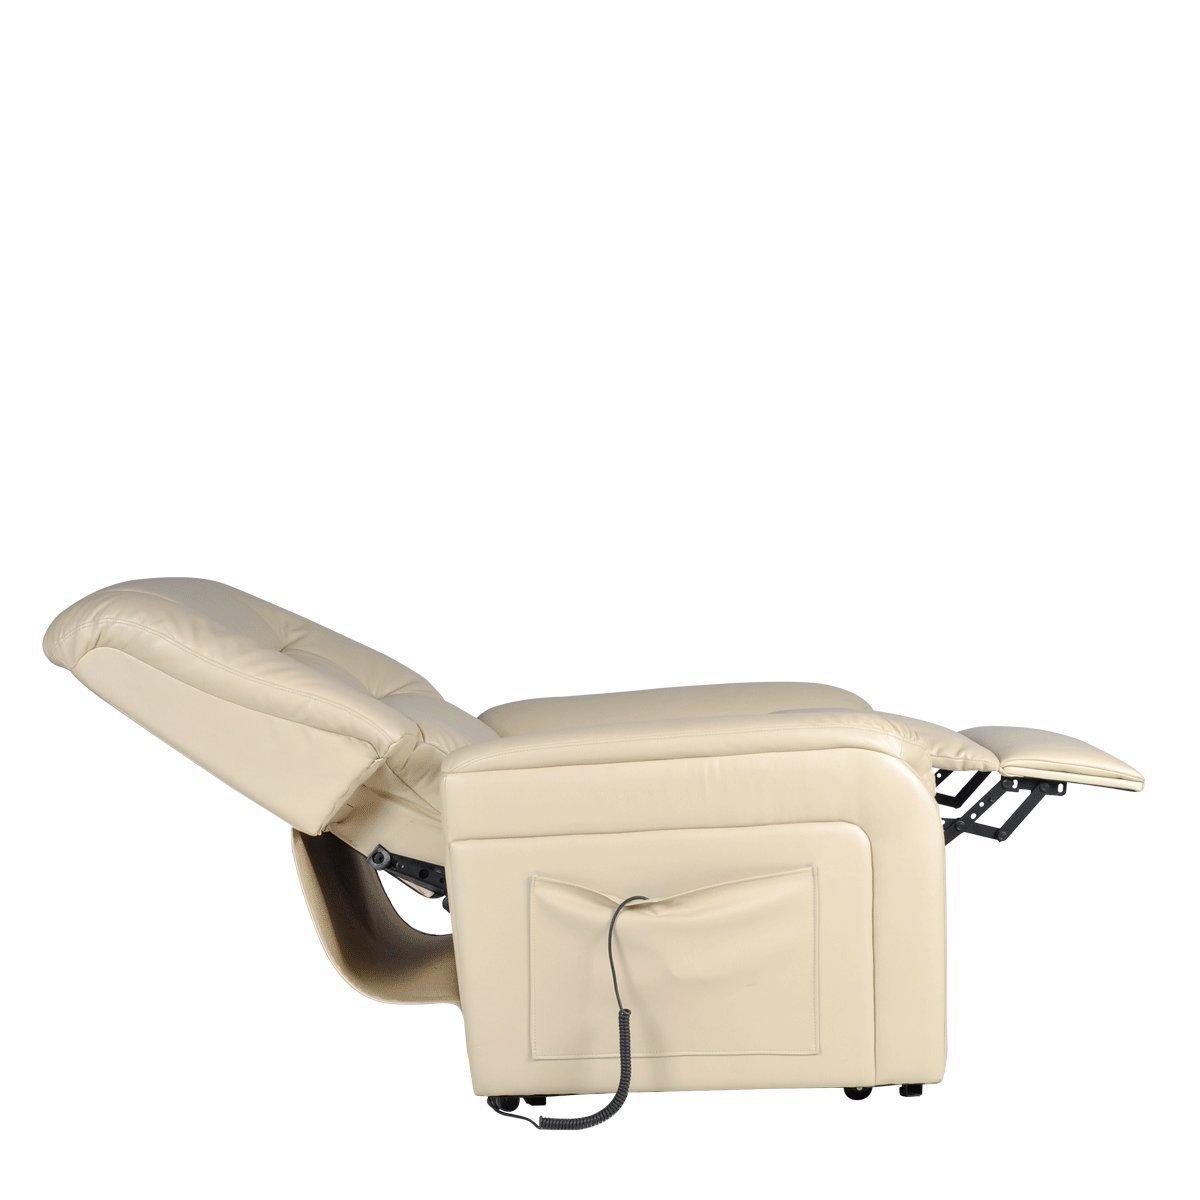 Relaxsessel Elektrisch Verstellbar ~ Fernsehsessel elektrisch verstellbar Relaxsessel Aufstehsessel Weiß